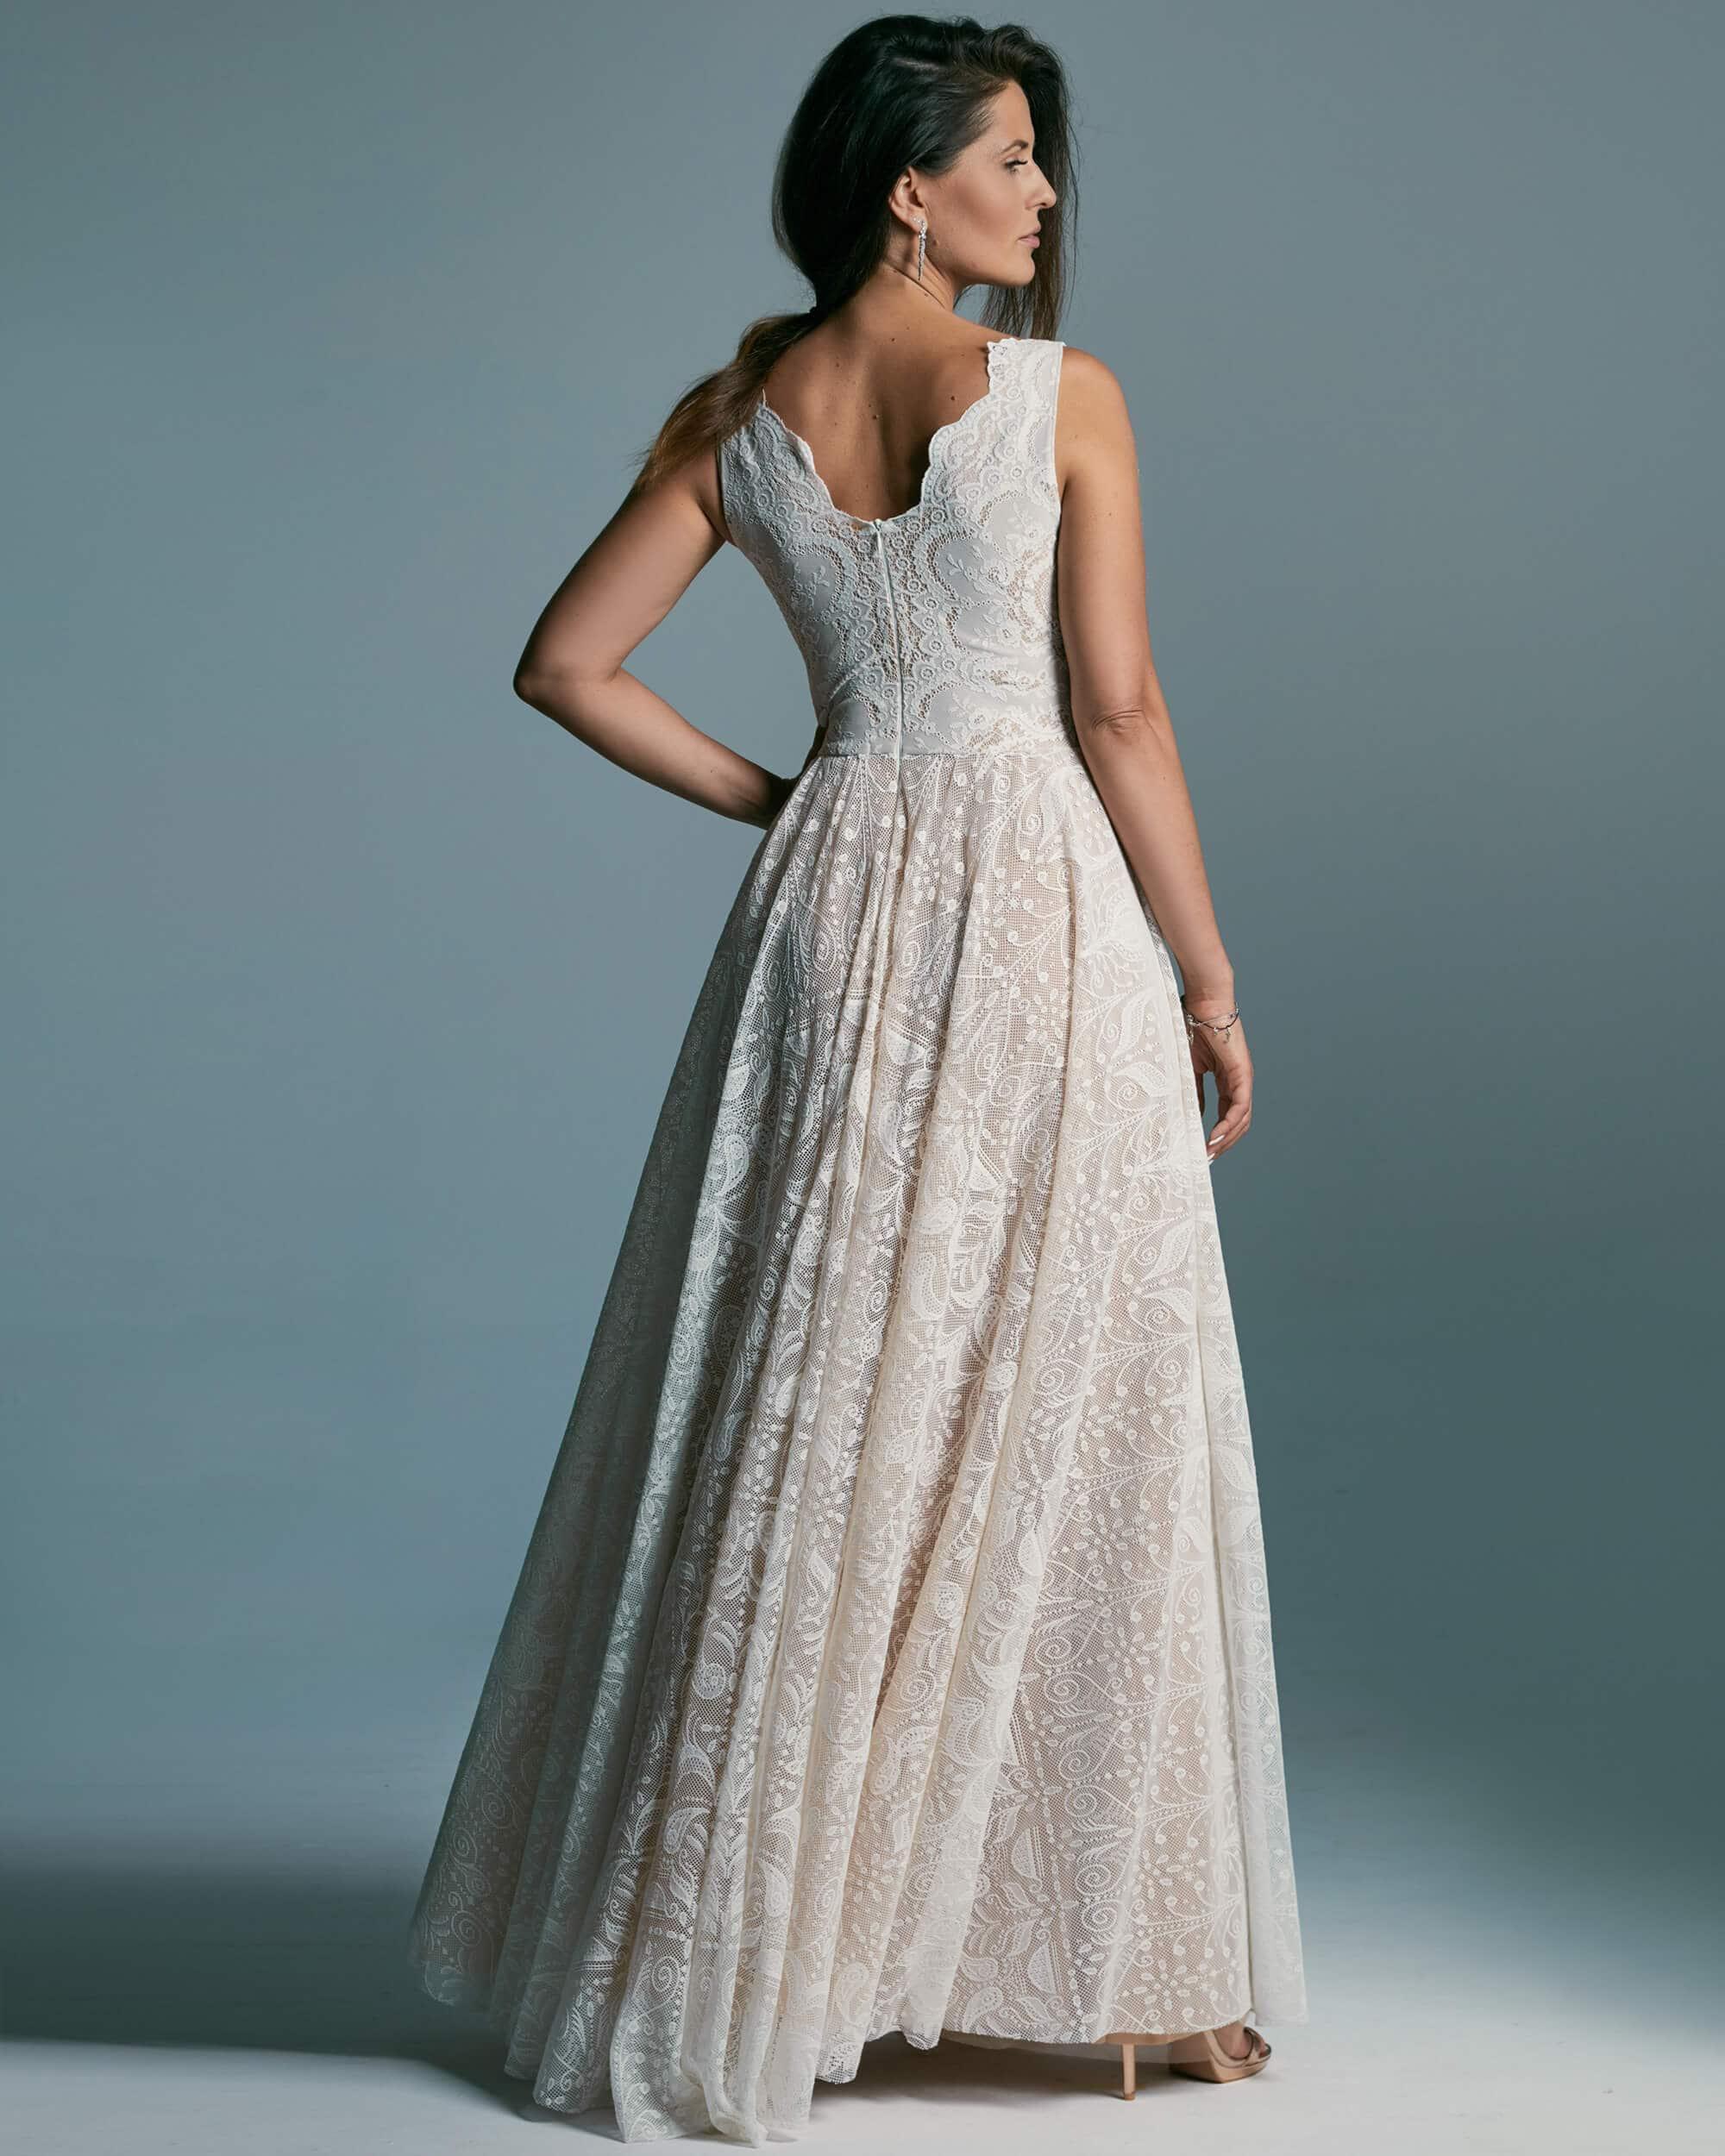 Suknia ślubna o stonowanym kroju, dla kobiet z szerokimi ramionami - Porto 52